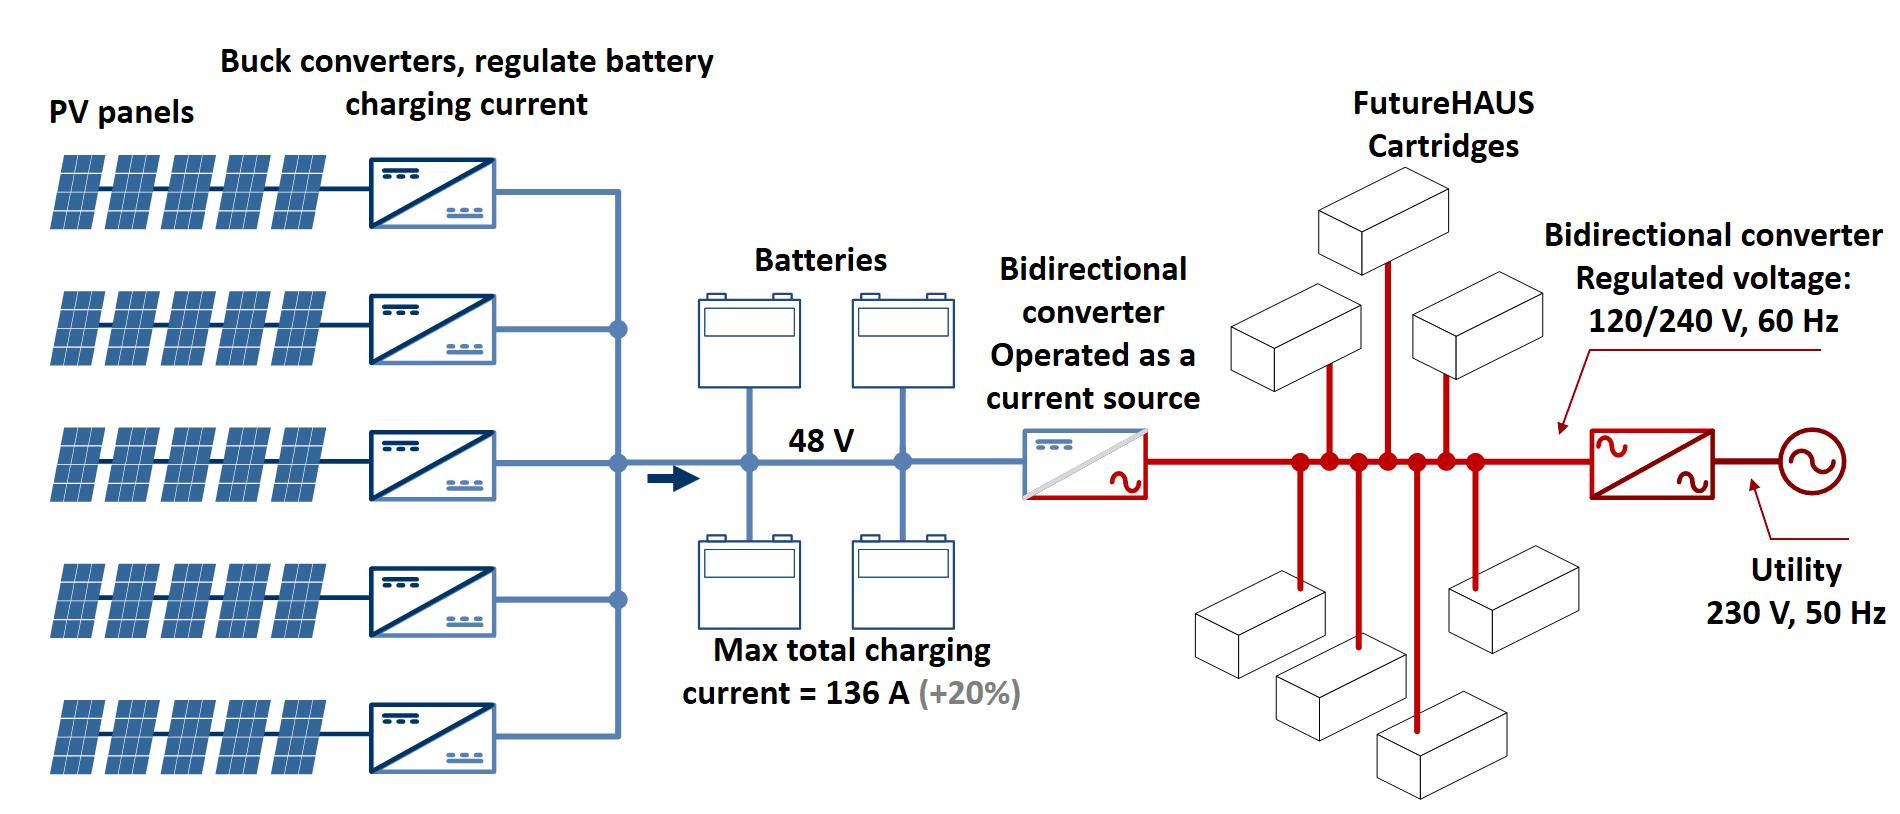 FutureHAUS nanogrid system